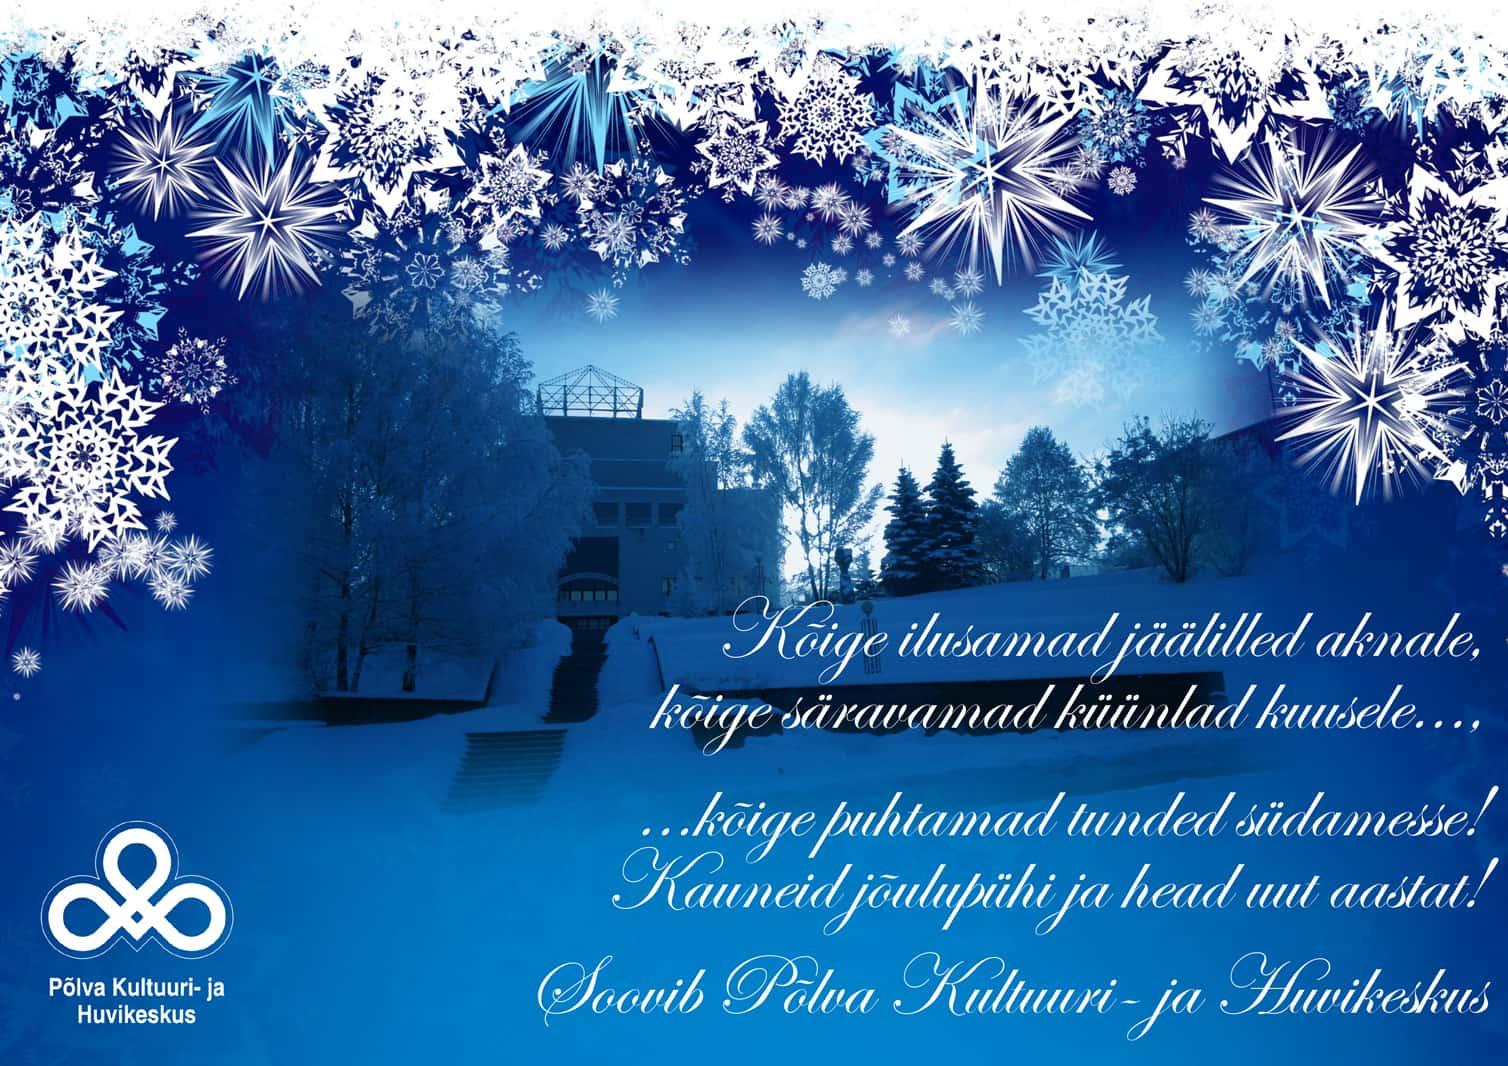 Kultuurikeskuse-jõulukaart-2014